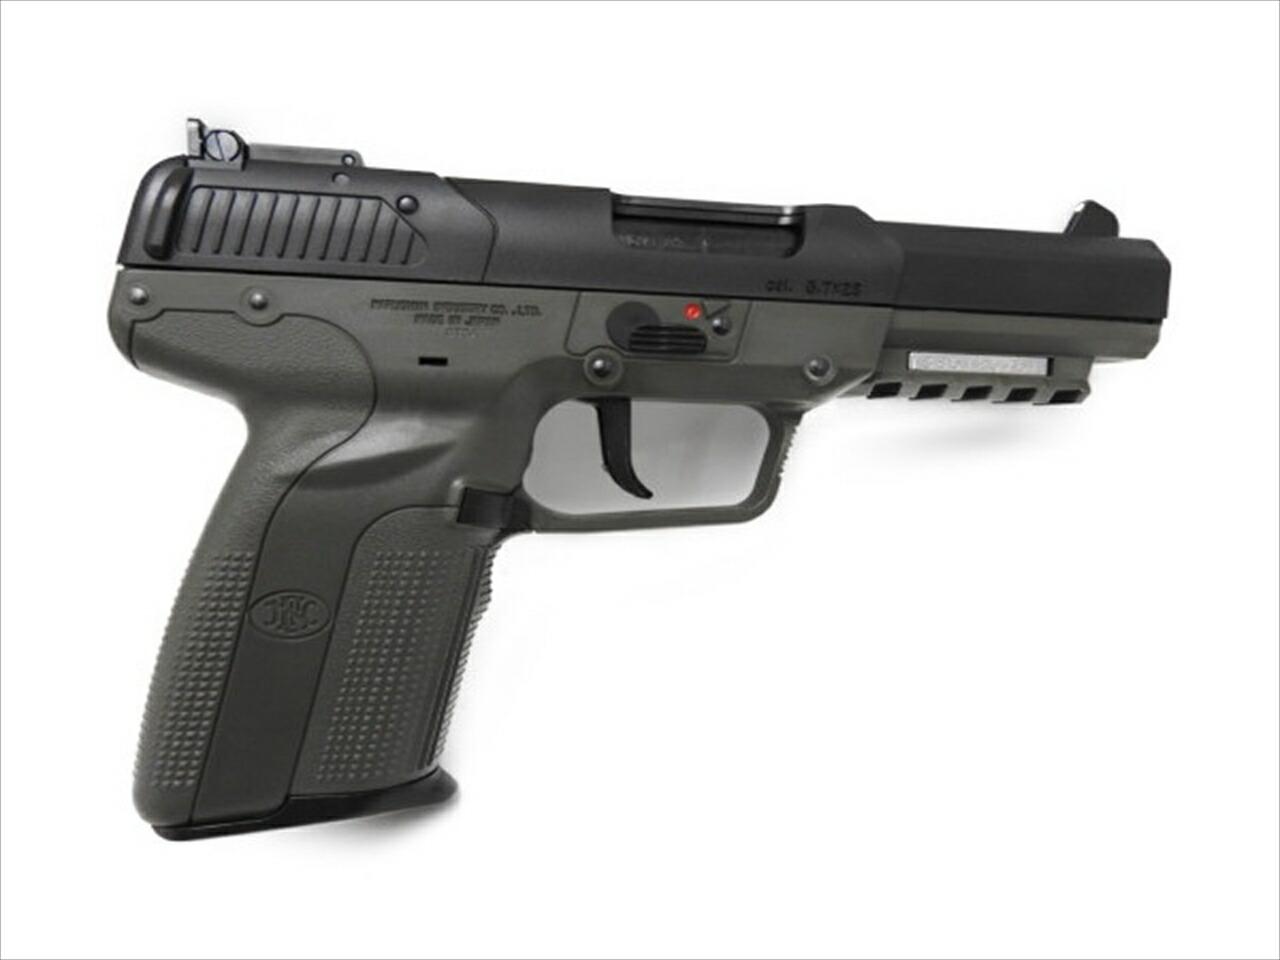 マルシン FN5-7 CO2 ガスガン アルミピストン ODカラー ガスブローバックガン 6mmBB弾 エアガン 新品